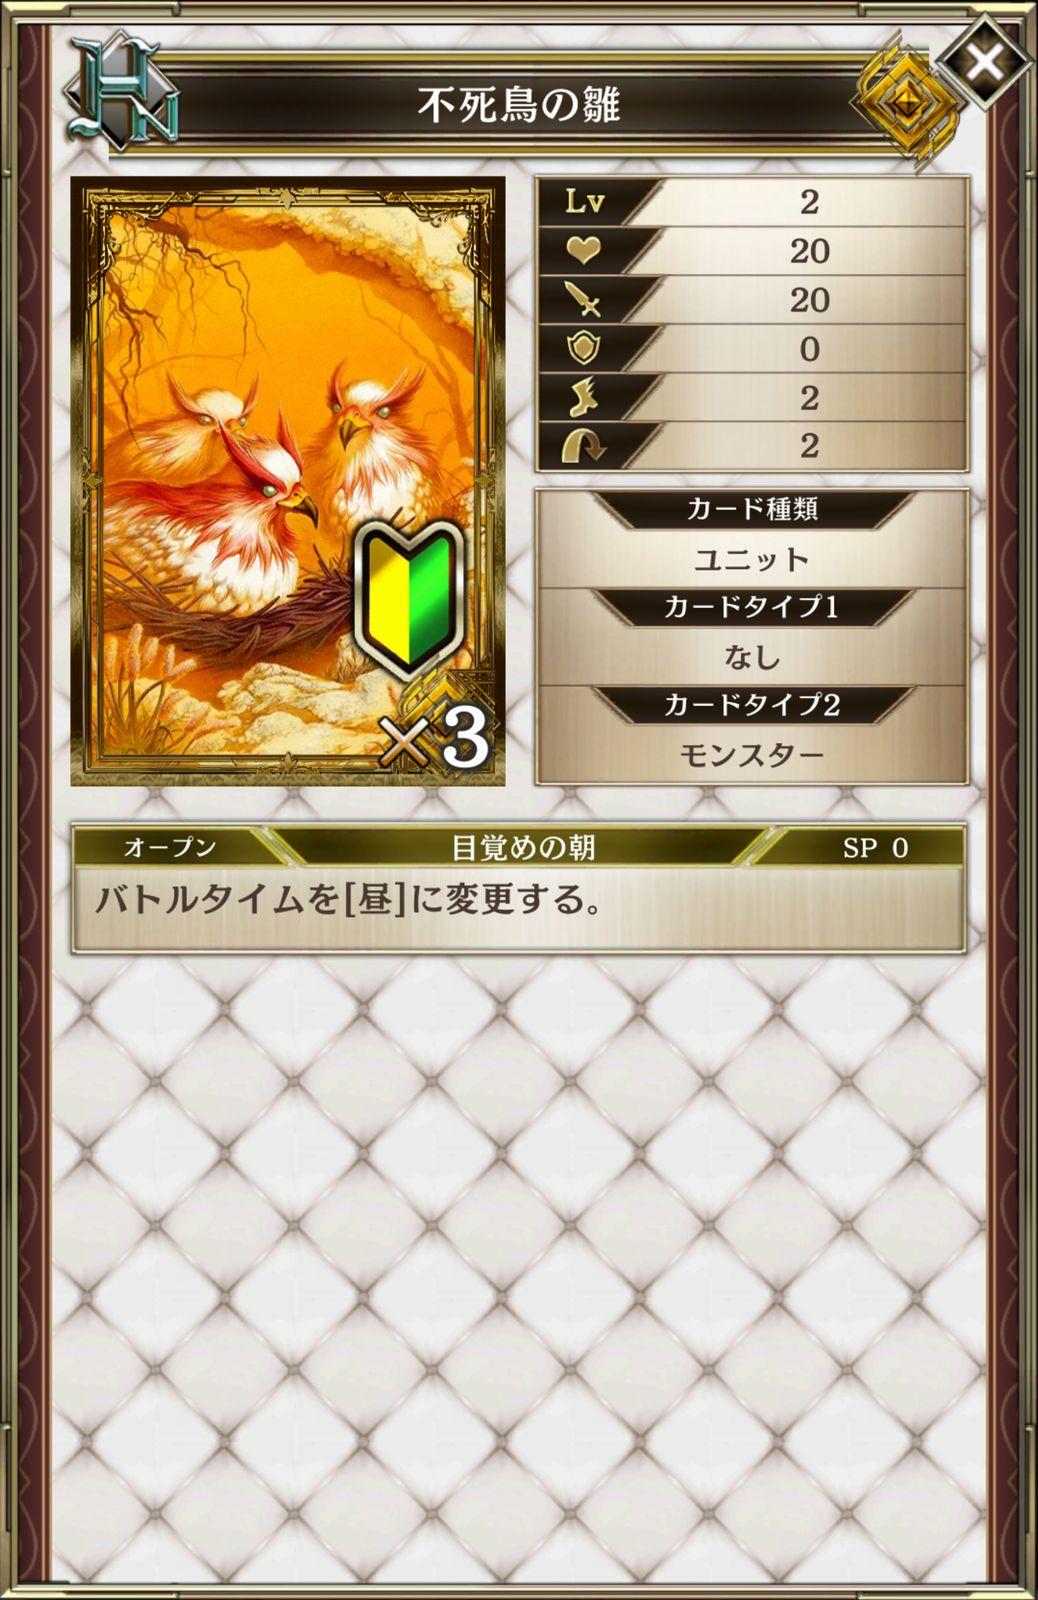 アルネオ【攻略】: デッキを強化するならこのカード!初心者デッキアレンジ講座